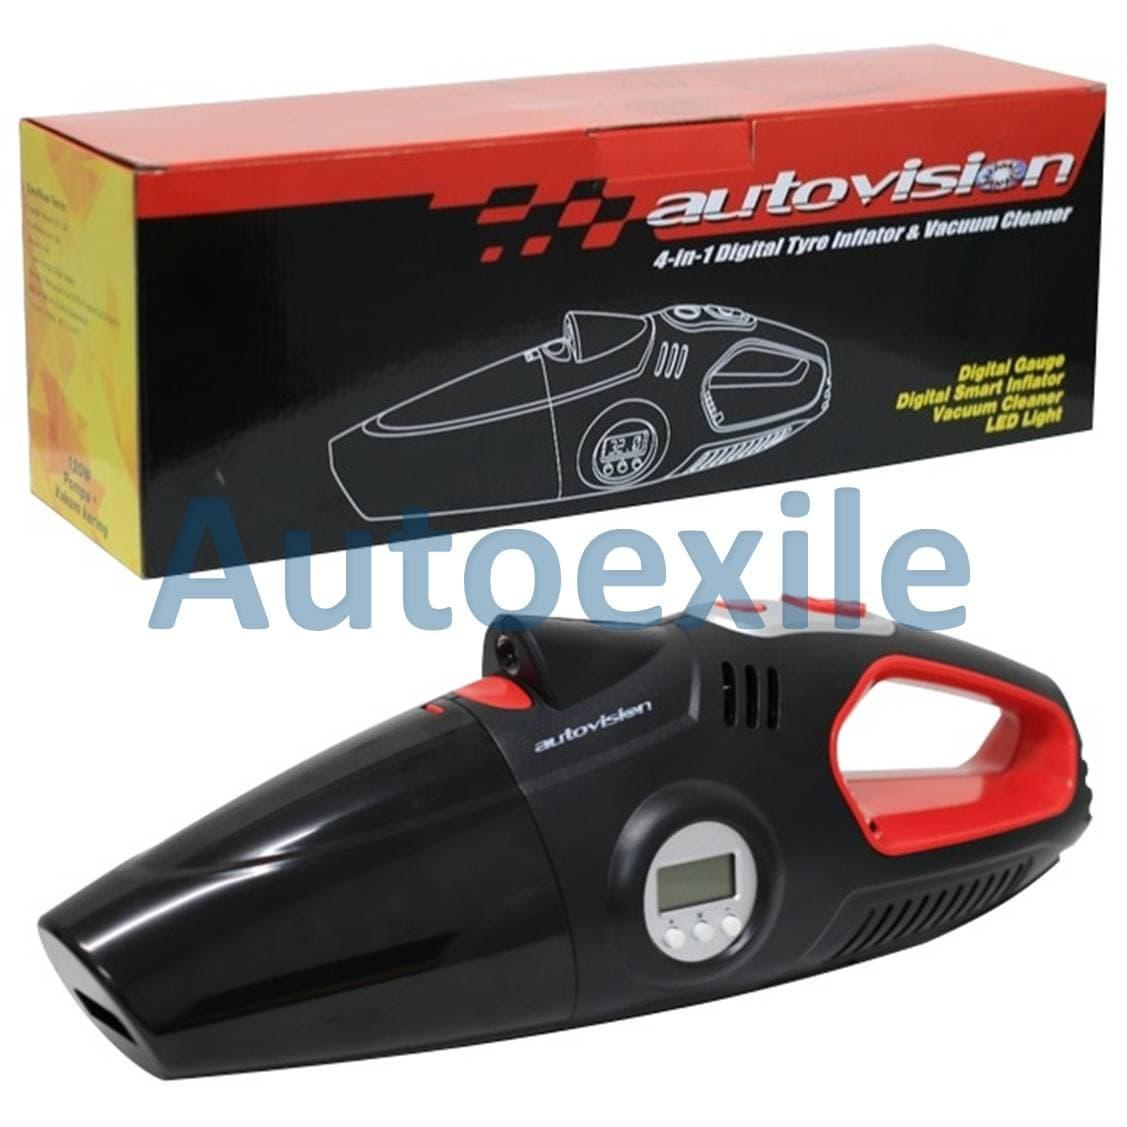 Jual Autovision 4in1 Kompresor Mini Pompa Ban Elektrik Dc12v Vacuum Angin Cleaner Pengukur Tekanan Digital Senter